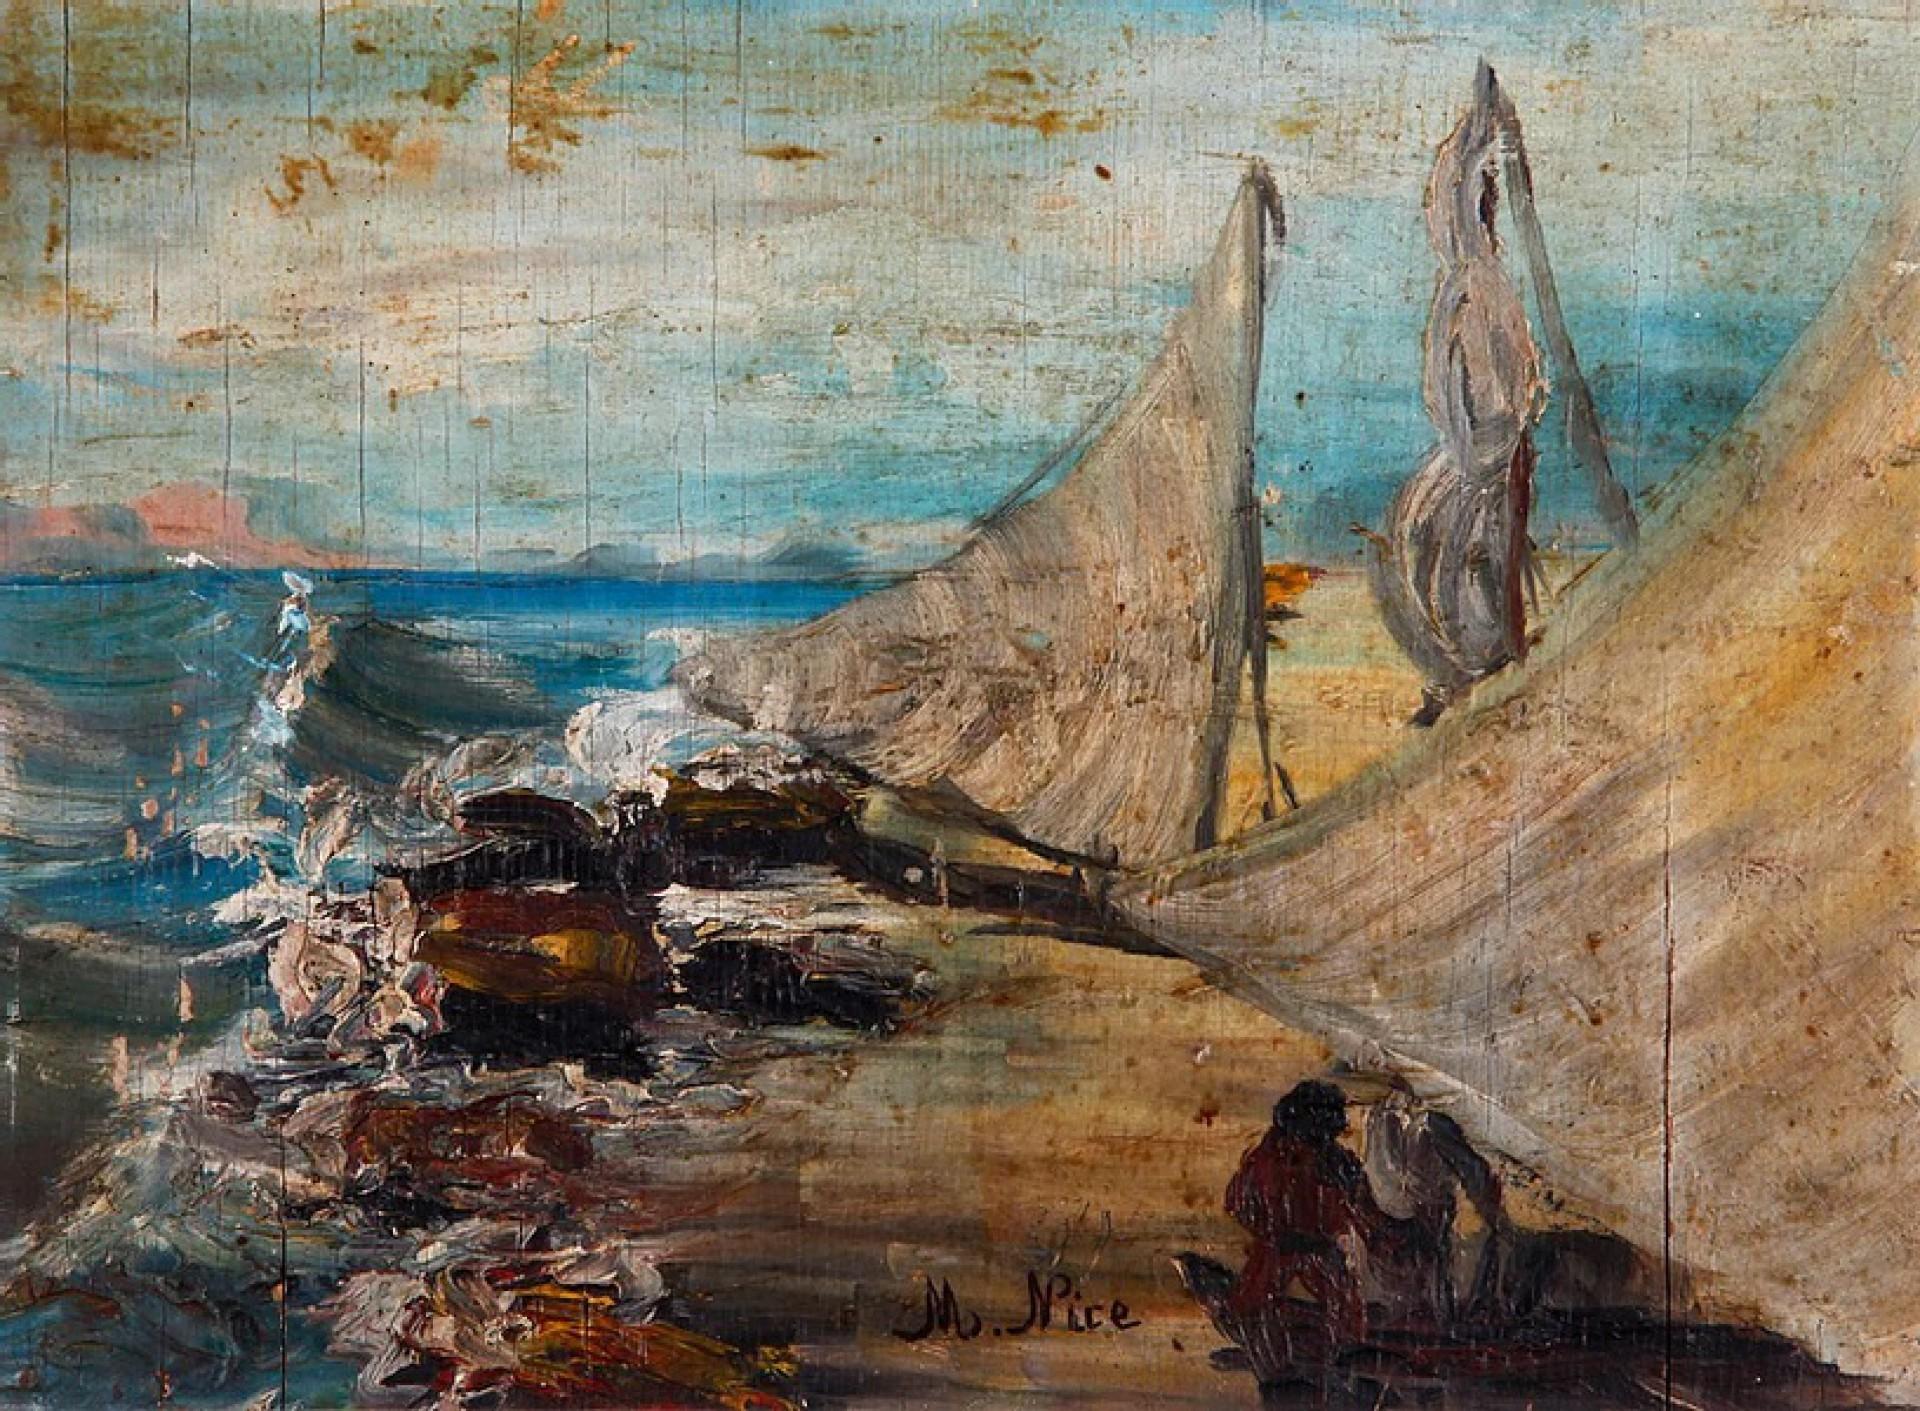 (Foto: Acervo Minimuseu Firmeza)Obra sem título de Nice feita em 1979